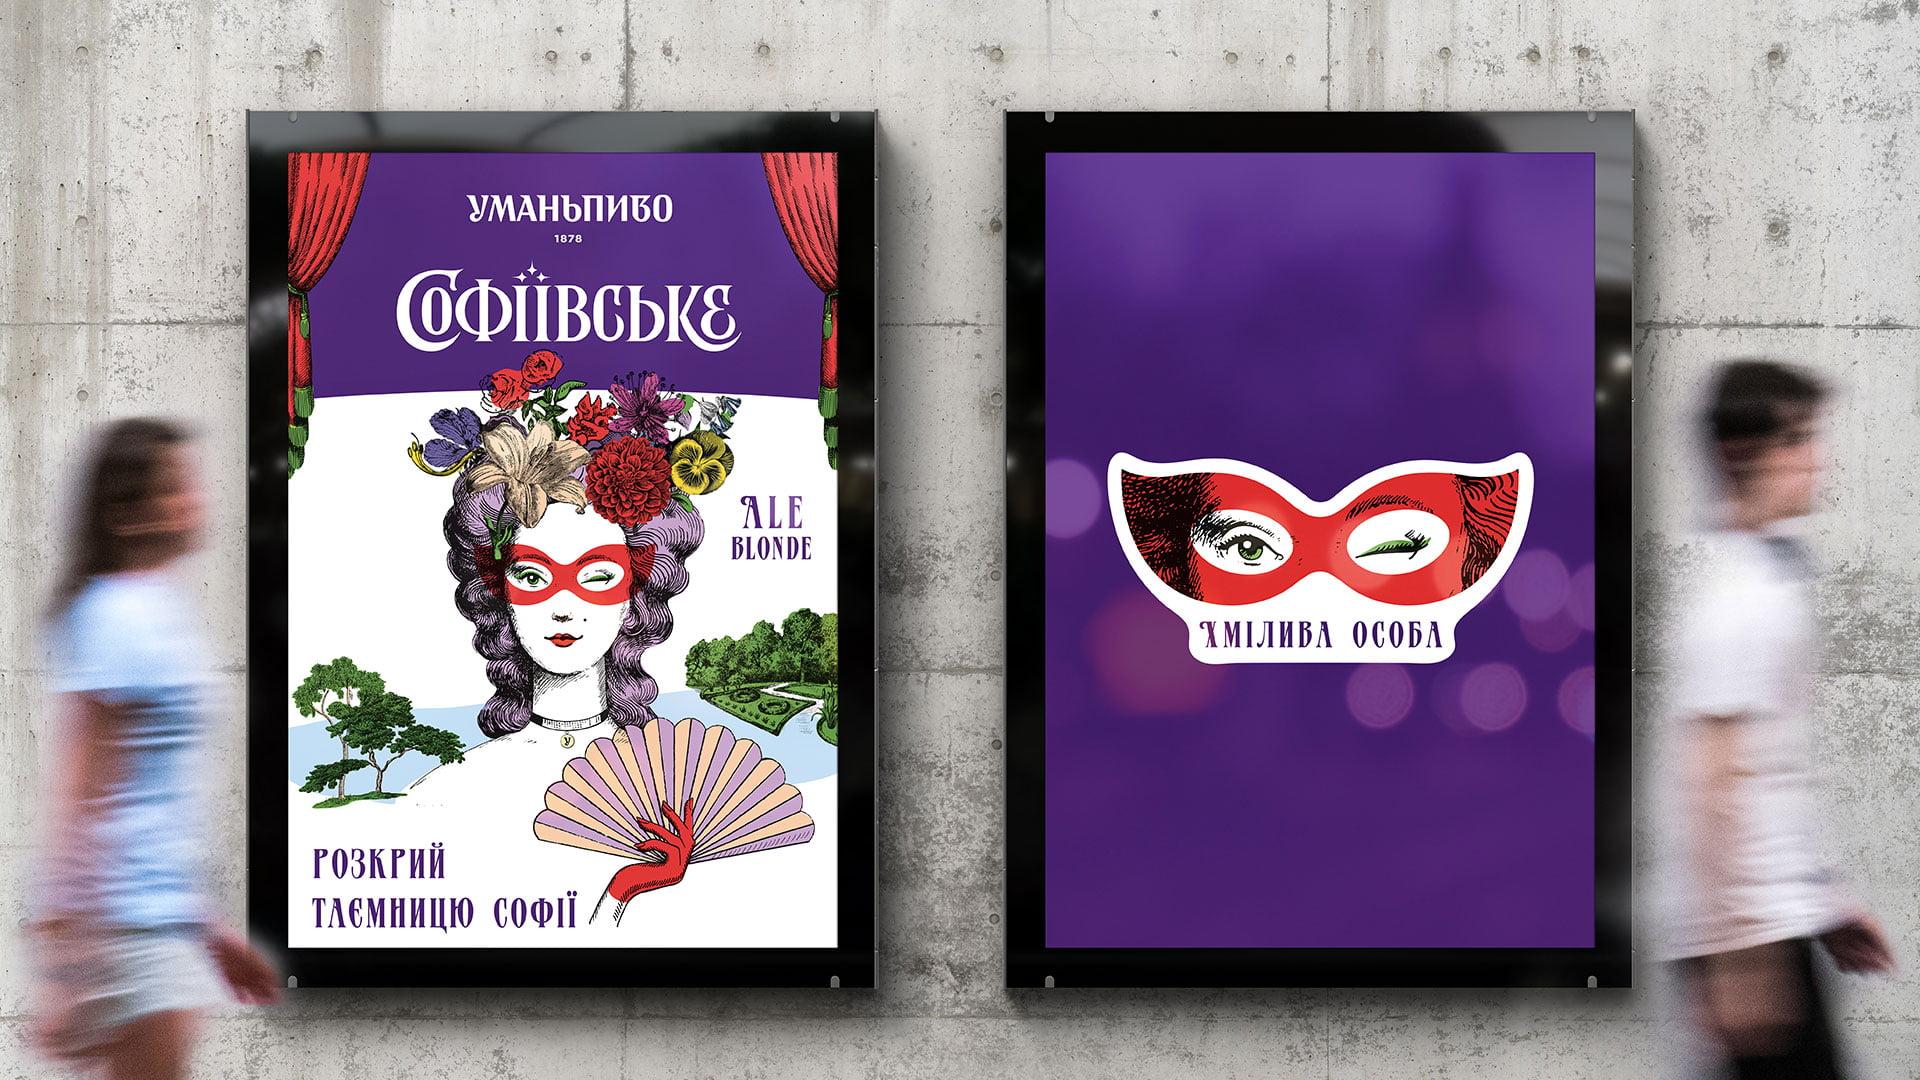 gra brand design umanpivo sofiyivske 3